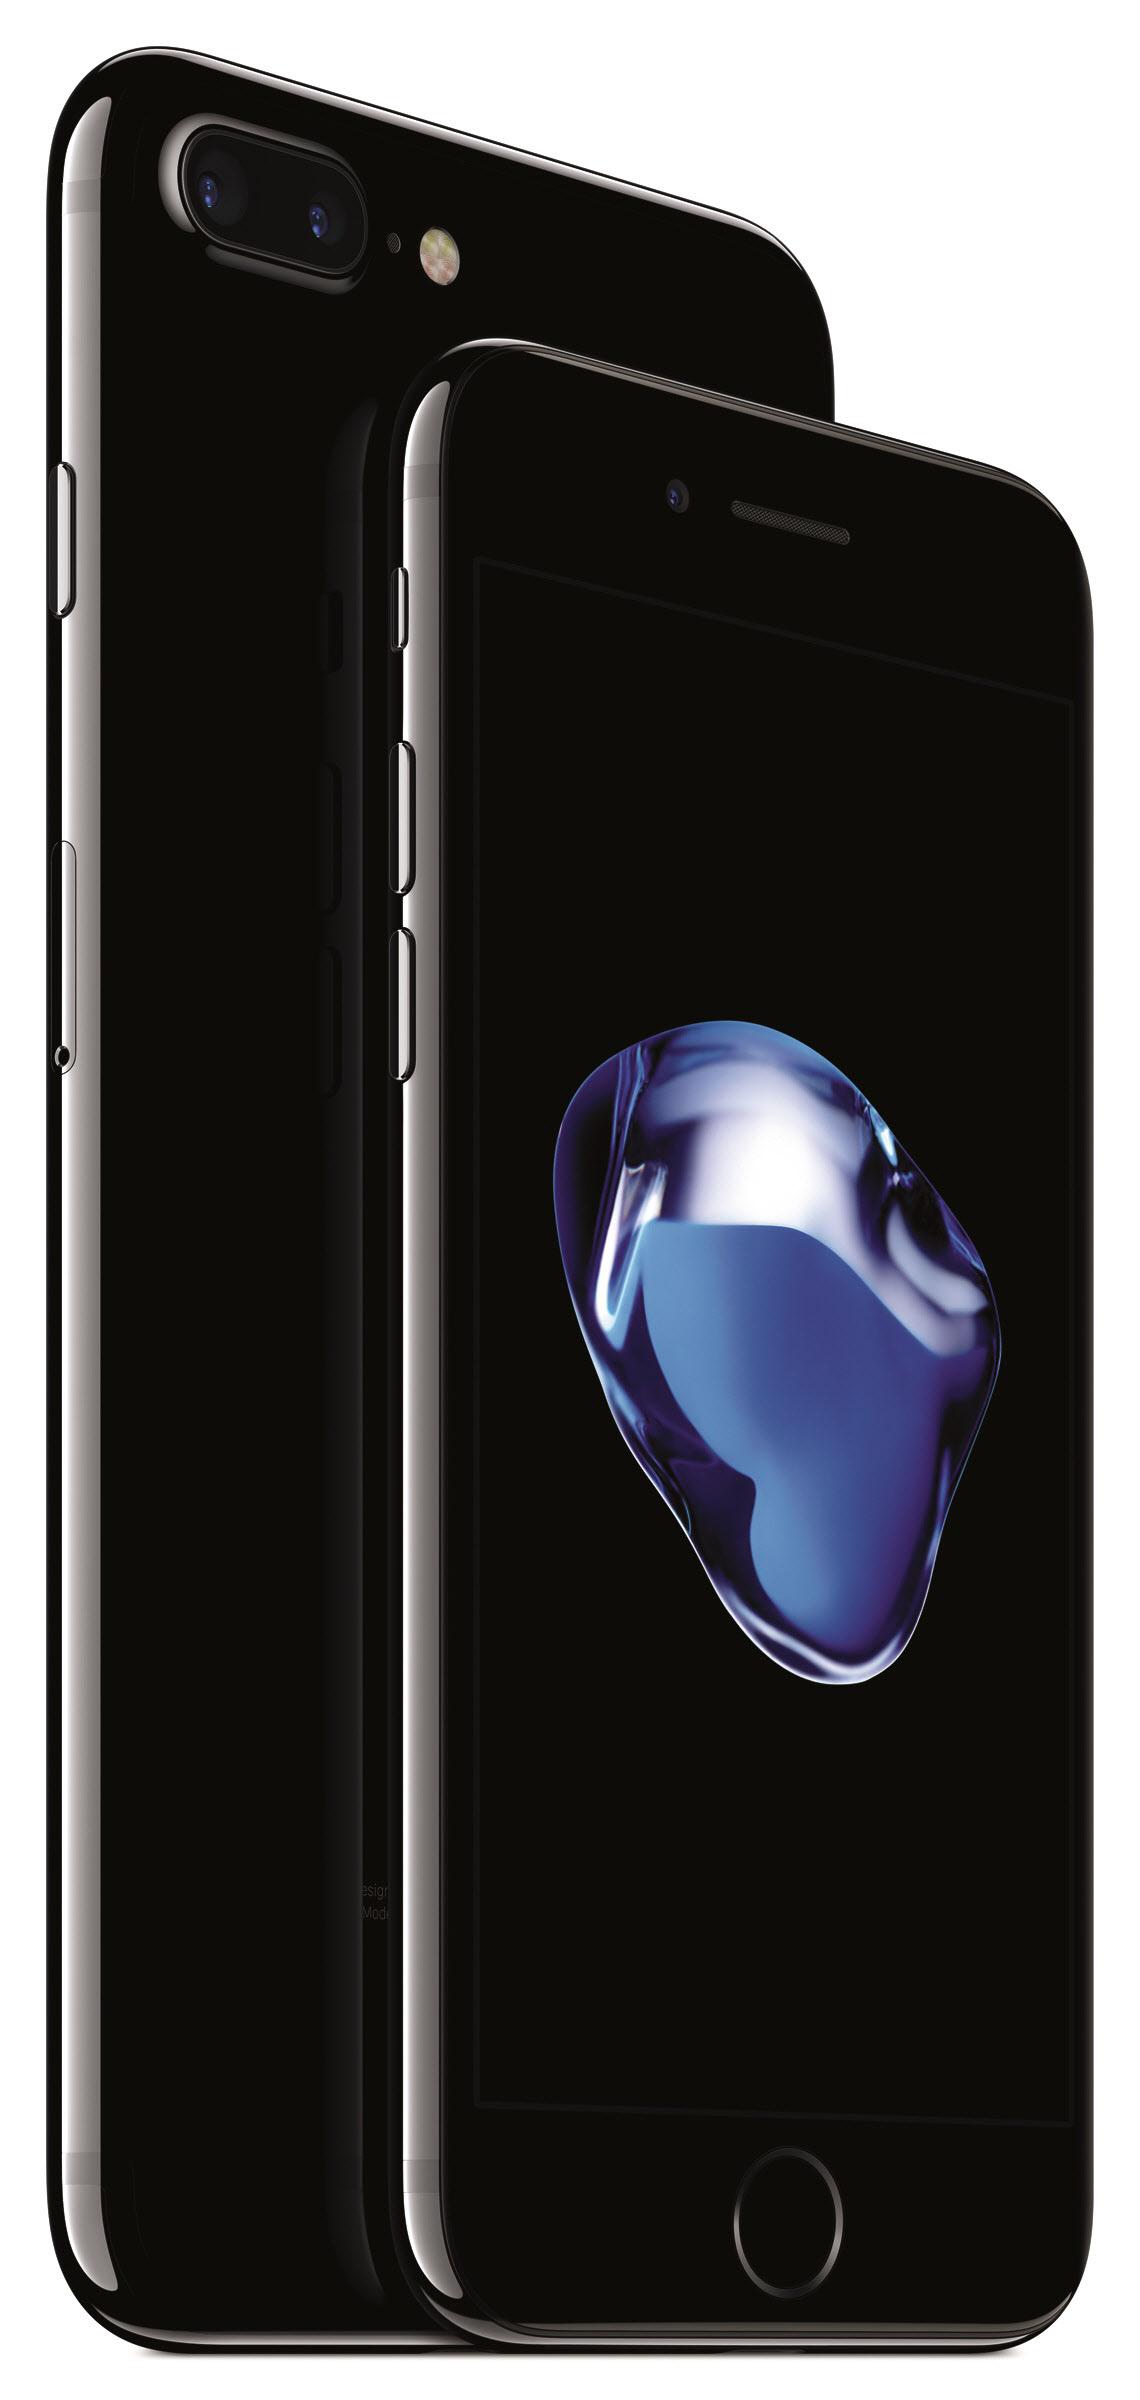 애플 아이폰7 제트블랙. [중앙포토]